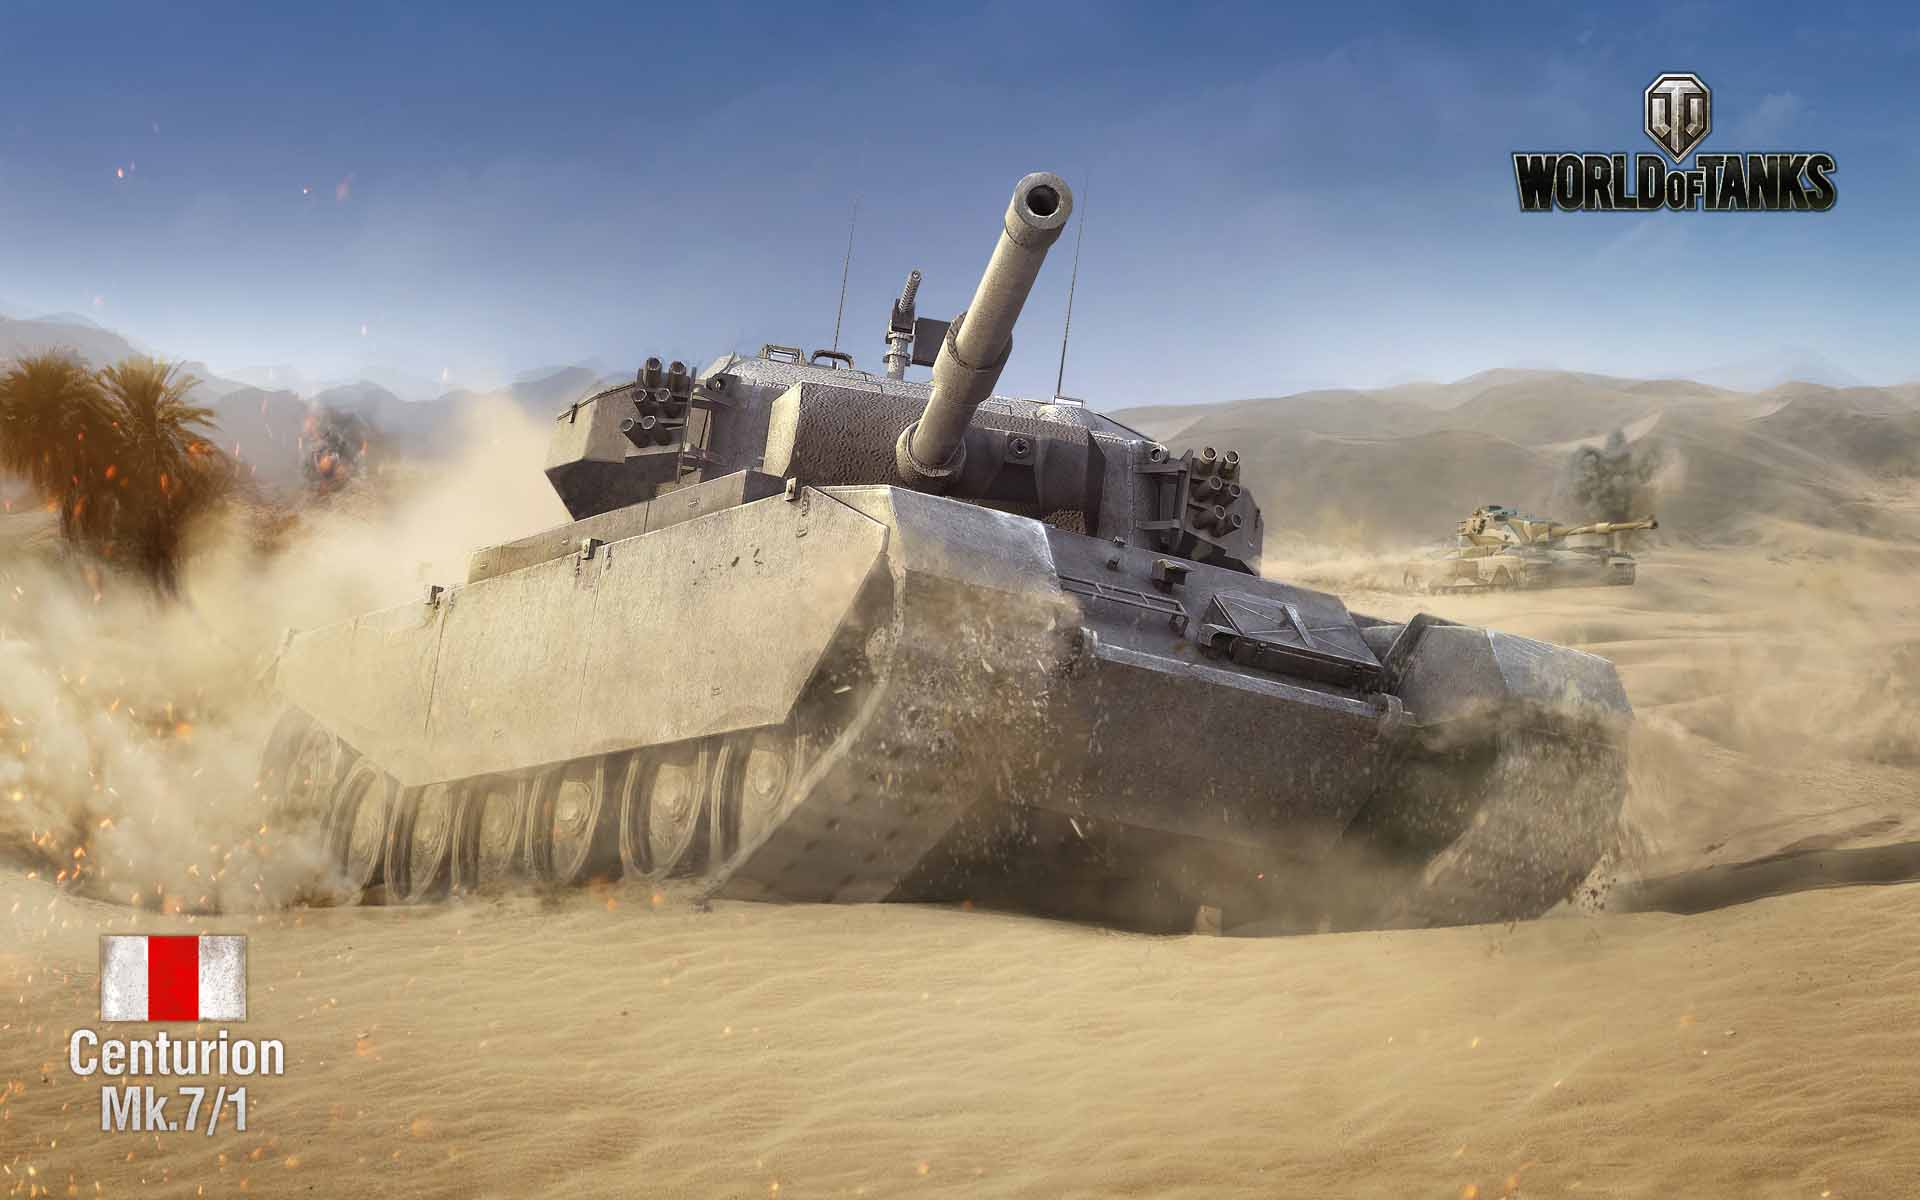 Красивые картинки танков World Of Tanks - смотреть бесплатно 7